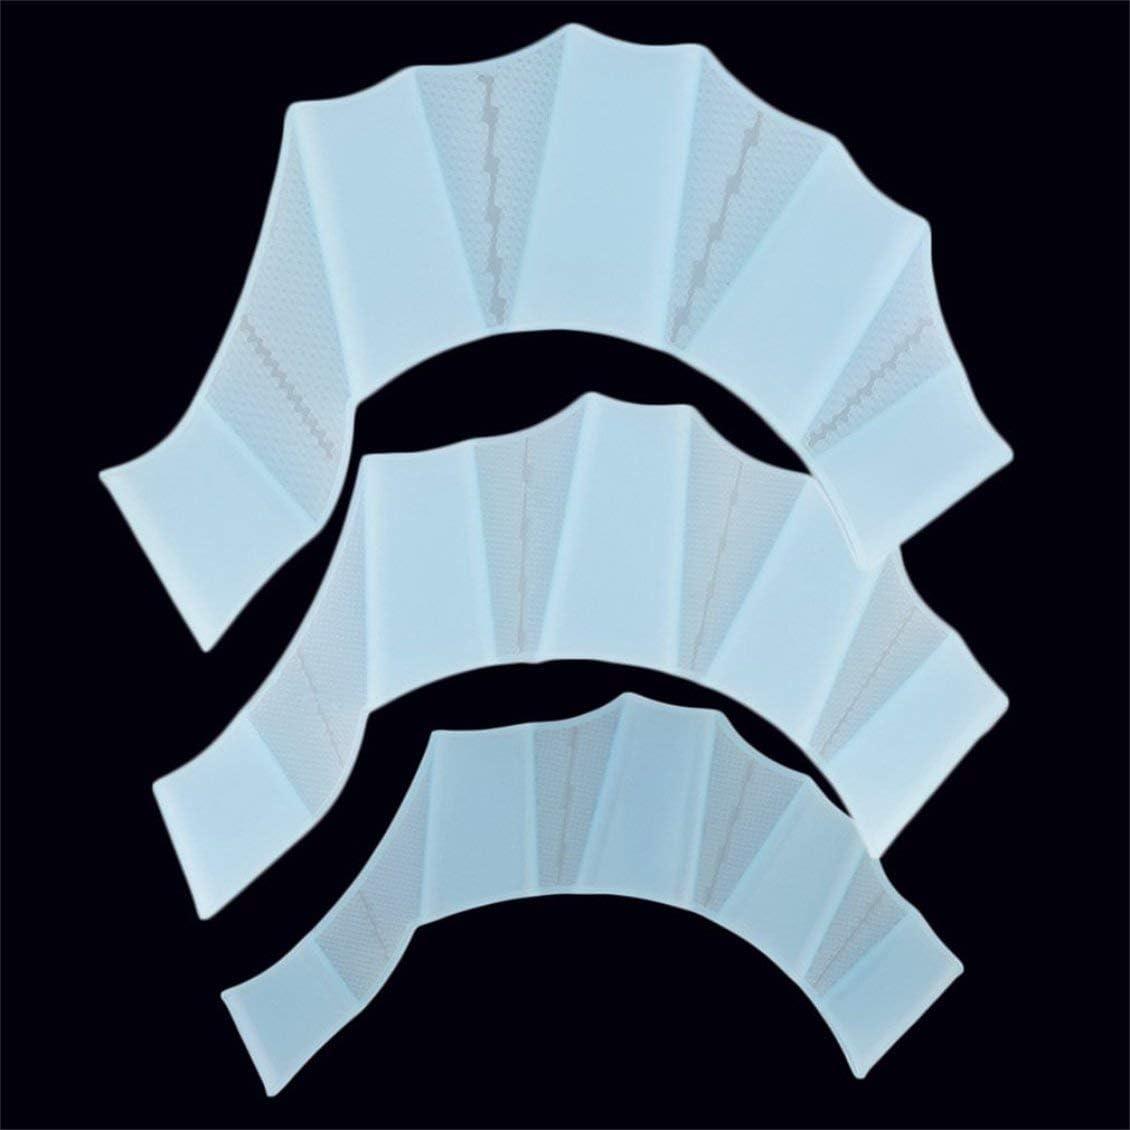 Silicona Nataci/ón Aletas para Las Manos Aletas Palm Finger Guantes palmeados Paleta Mejorar el Equipo de Guante de nataci/ón Resistente para Principiantes Azul Claro L